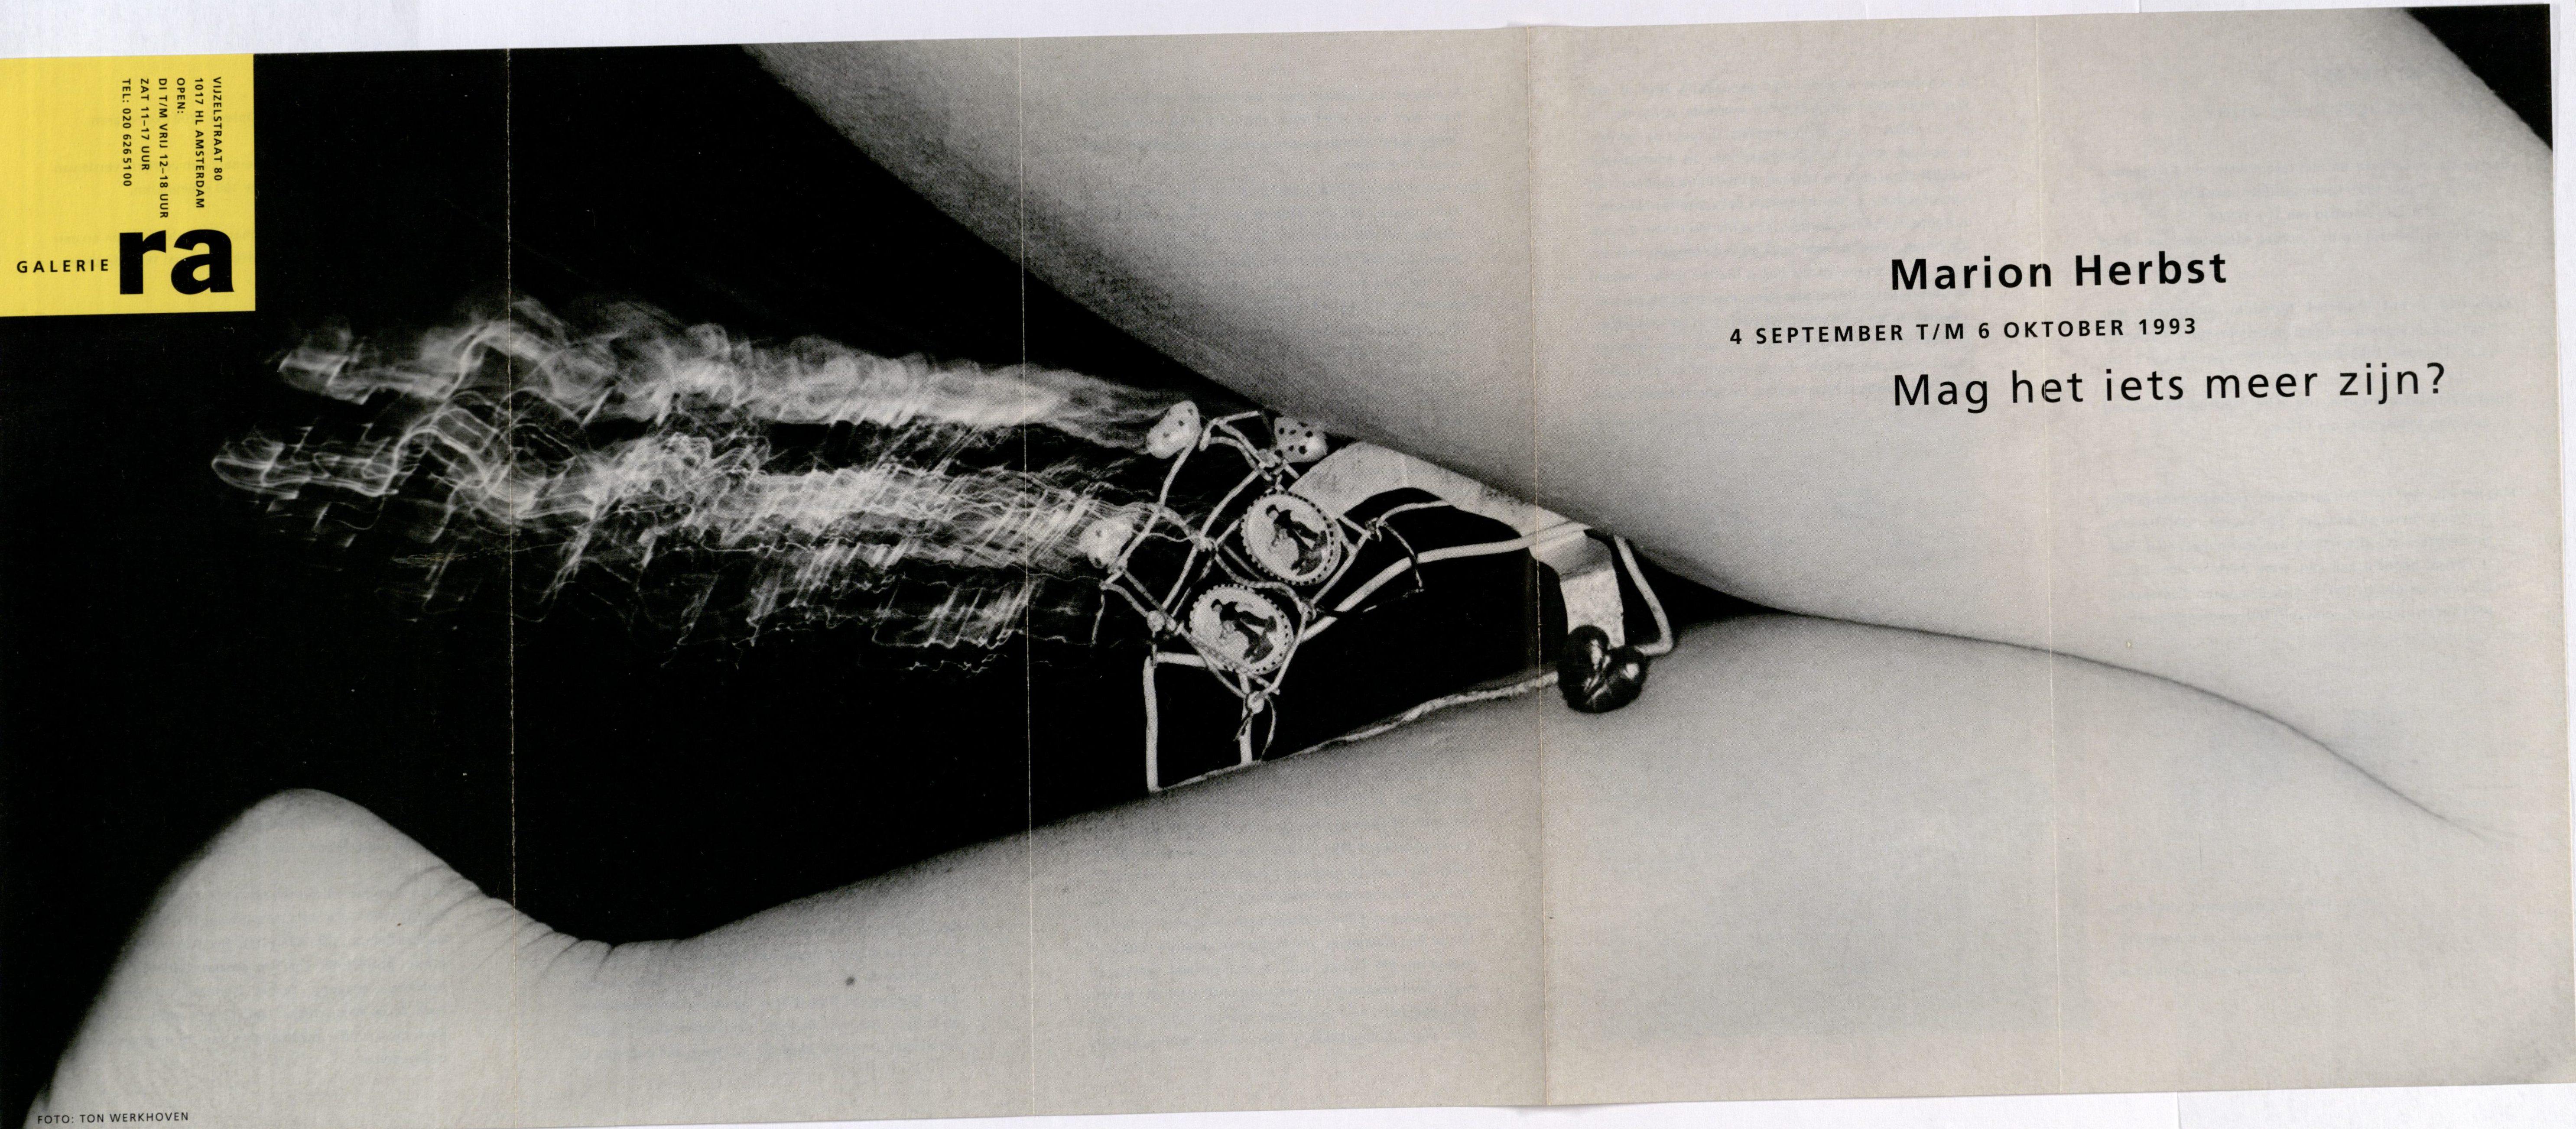 Ra Bulletin 76, september 1993, voorzijde met foto van Ton Werkhoven met object van Marion Herbst, drukwerk, papier, metaal